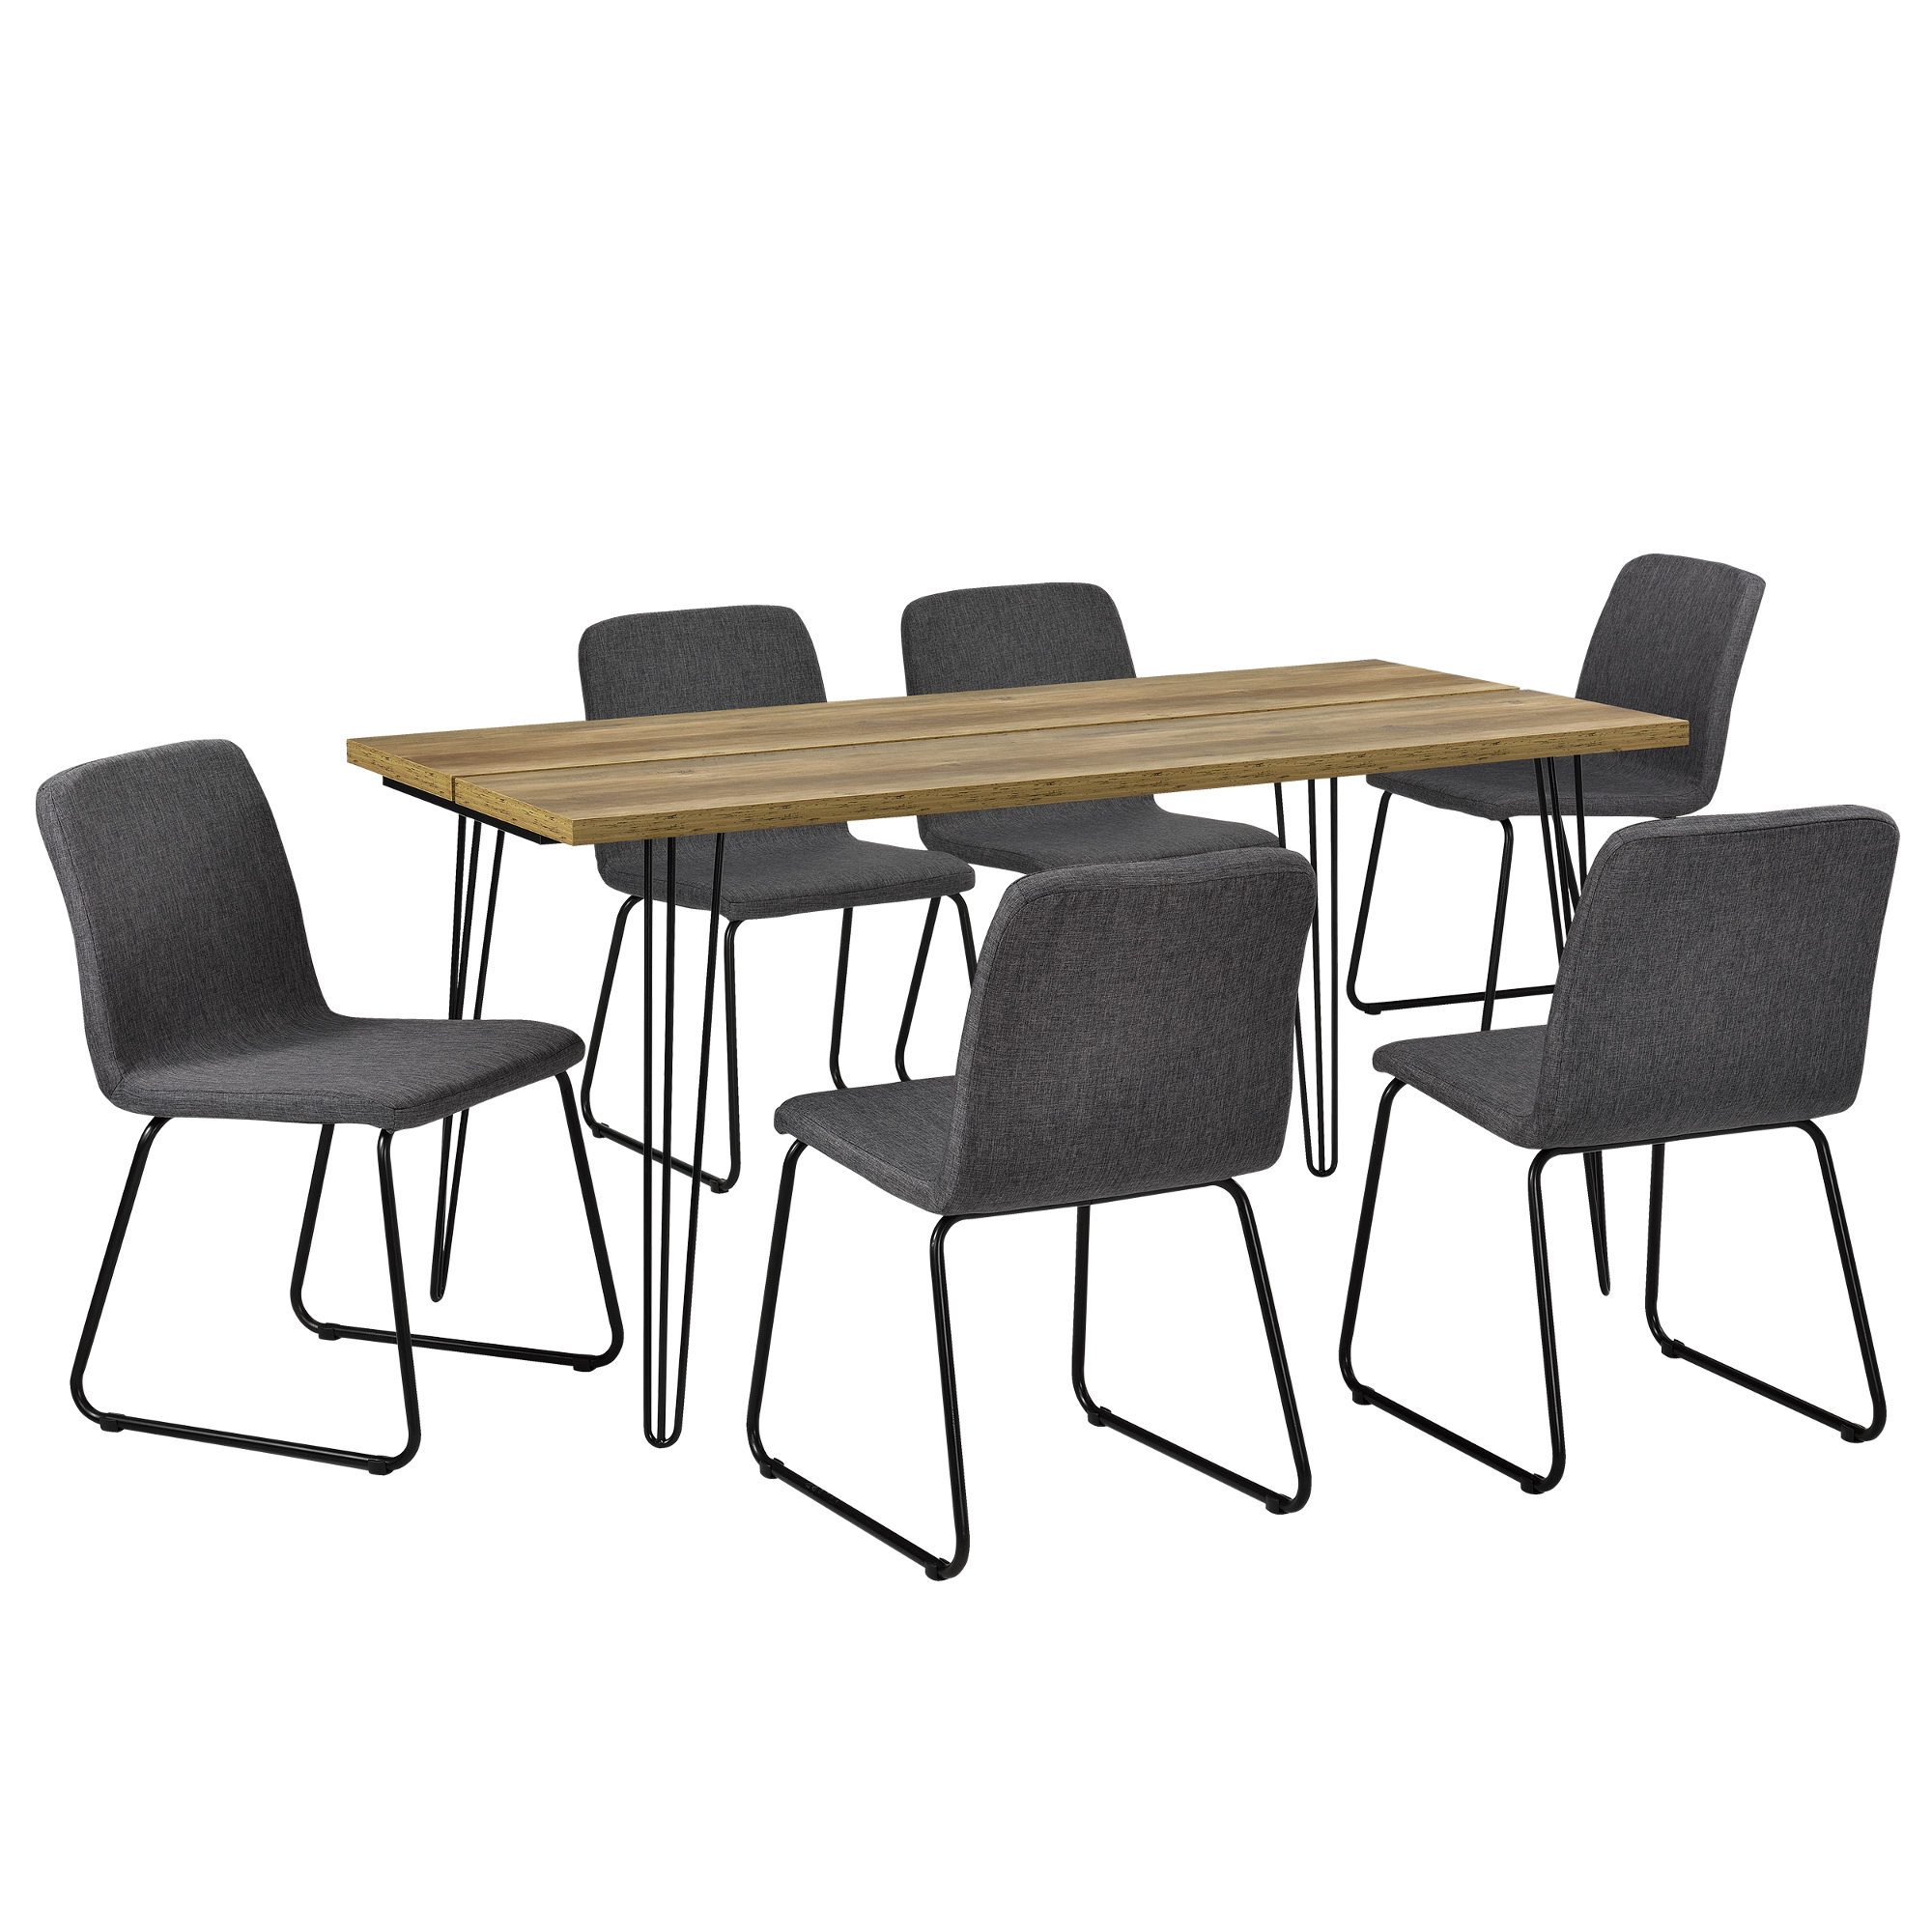 Atemberaubend Küchentisch Stuhl Setzt Verkauf Fotos - Ideen Für Die ...